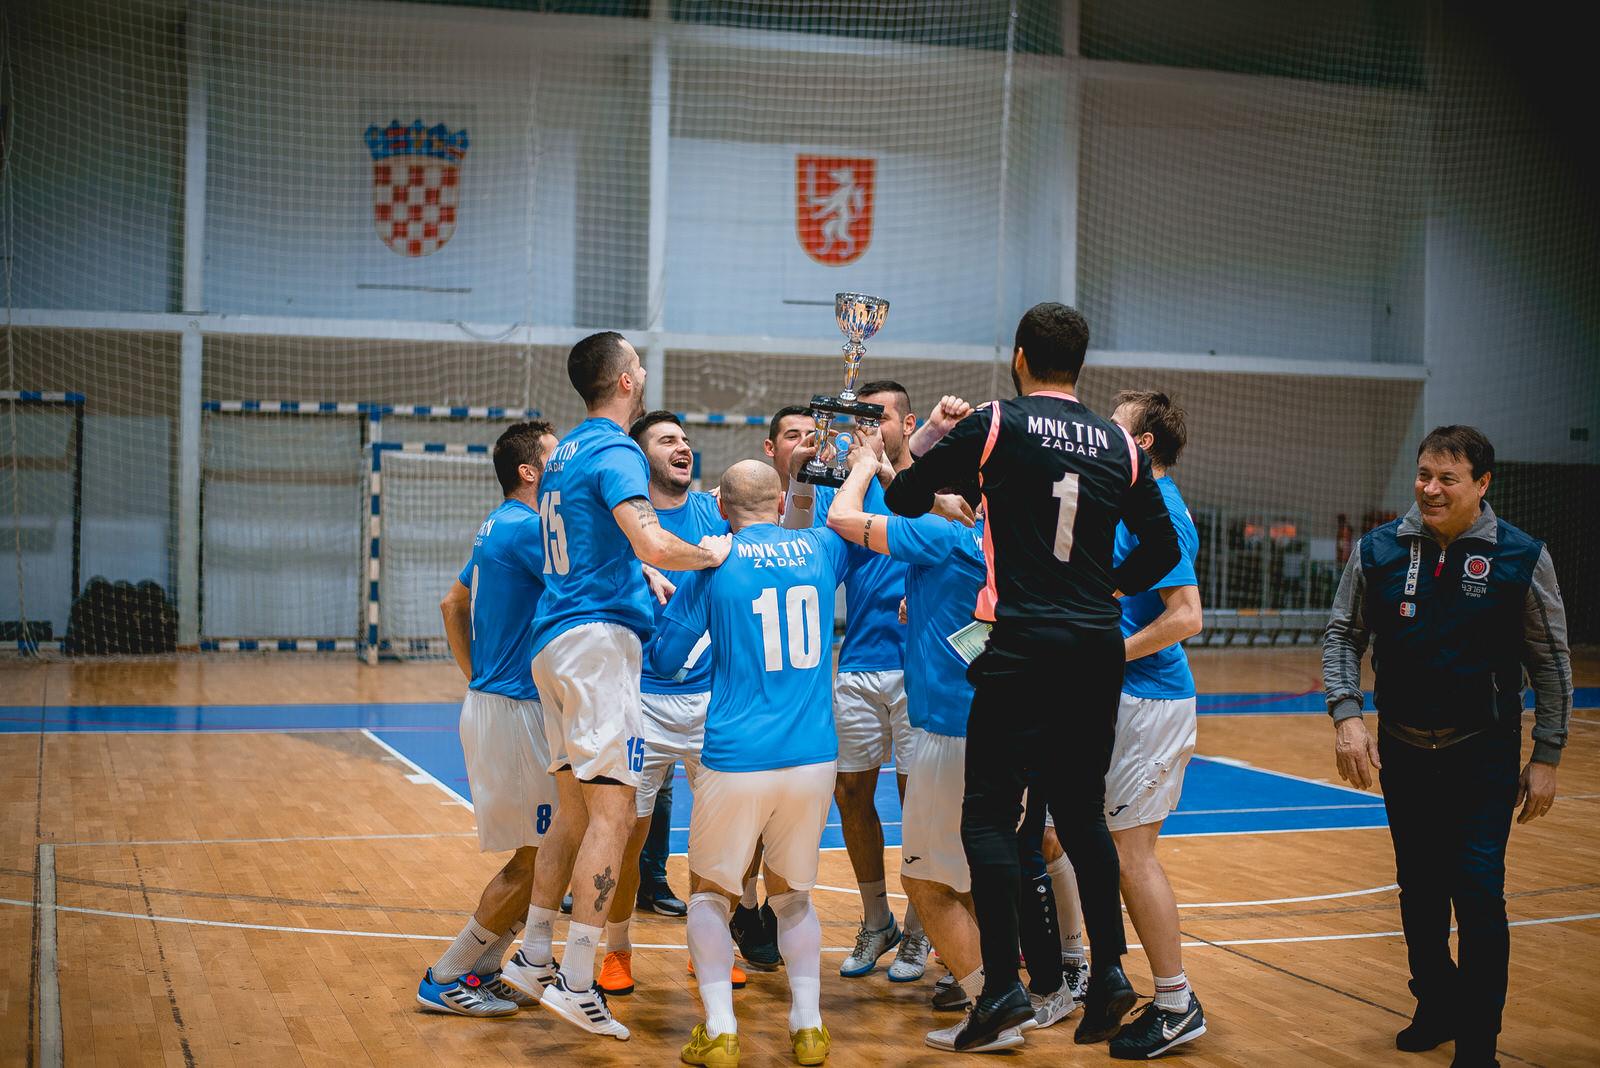 likaclub_gospić_zimski-malonogometni-turnir-2018-19-112